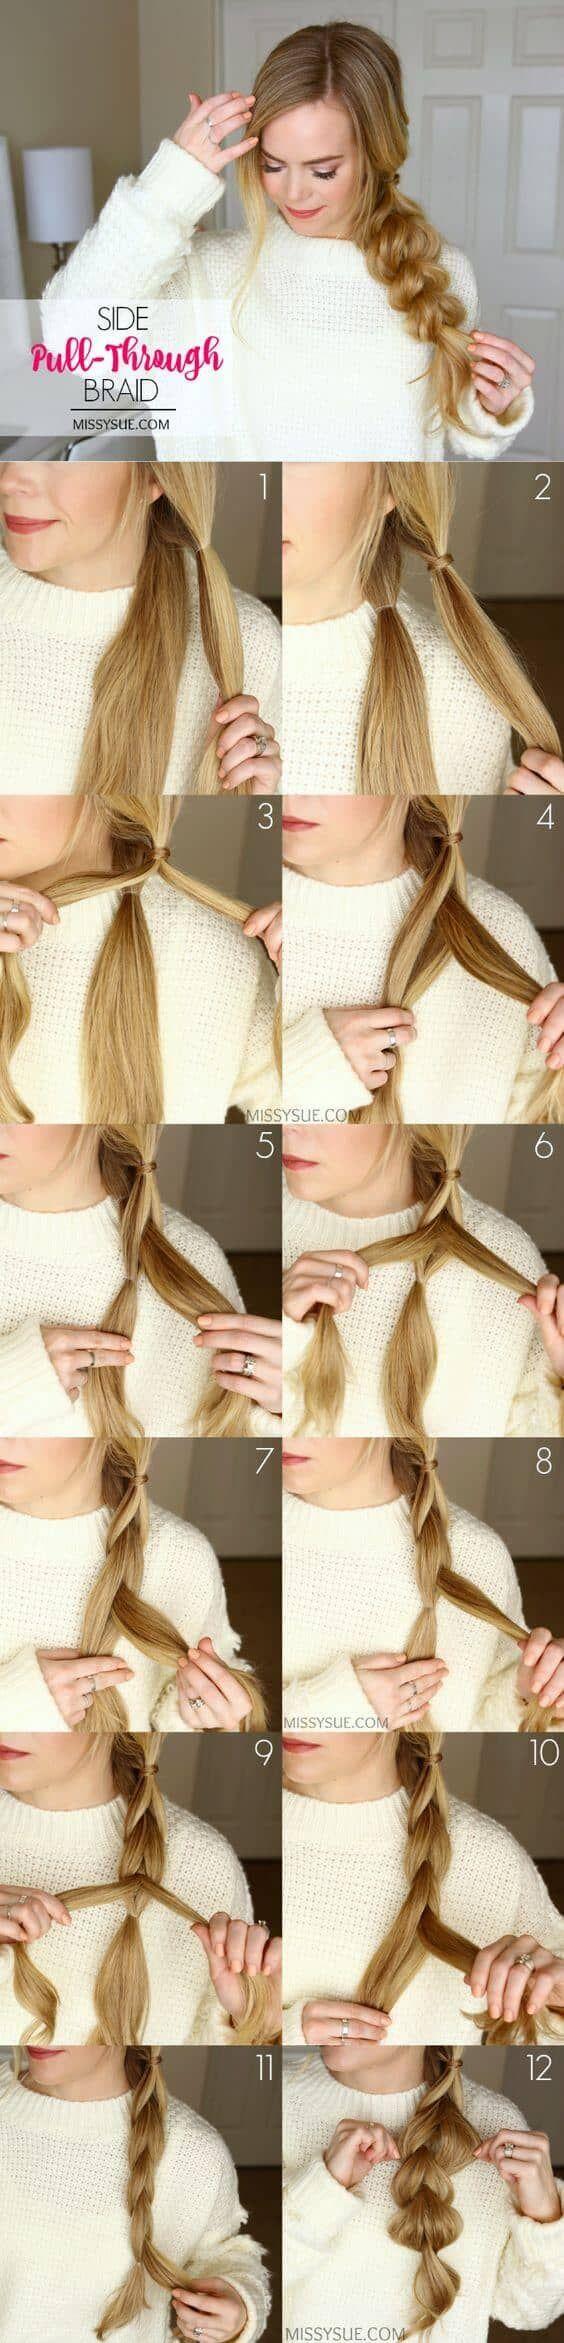 33 Tutoriales de peinado paso a paso más populares: nuevos peinados para mujeres